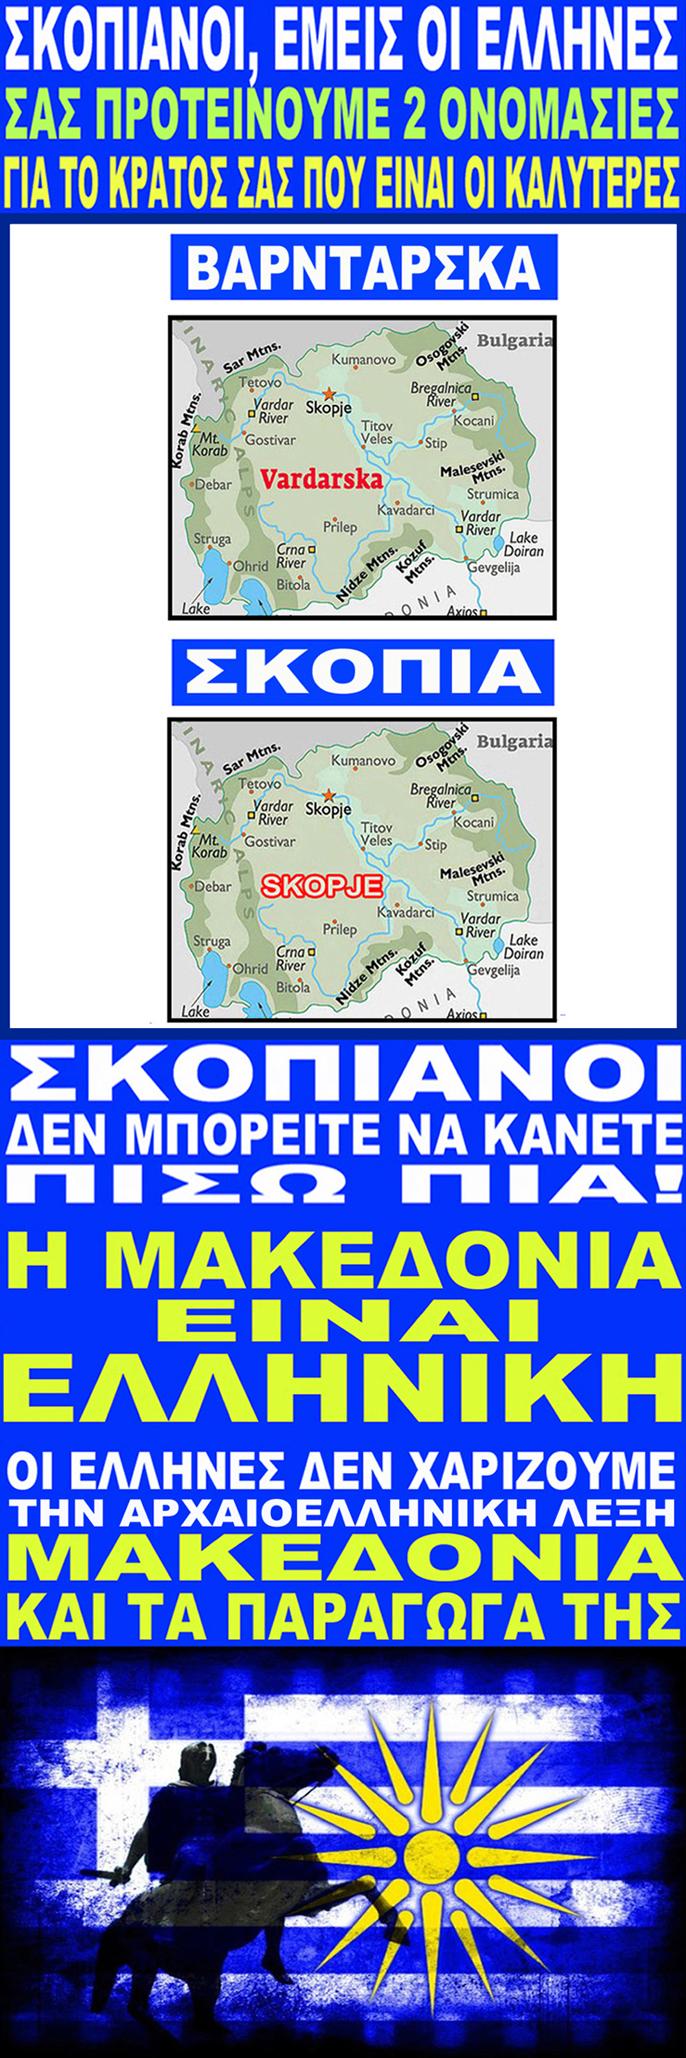 ΕΡΩΤΗΜΑ ΠΡΟΣ ΣΚΟΠΙΑΝΟΥΣ